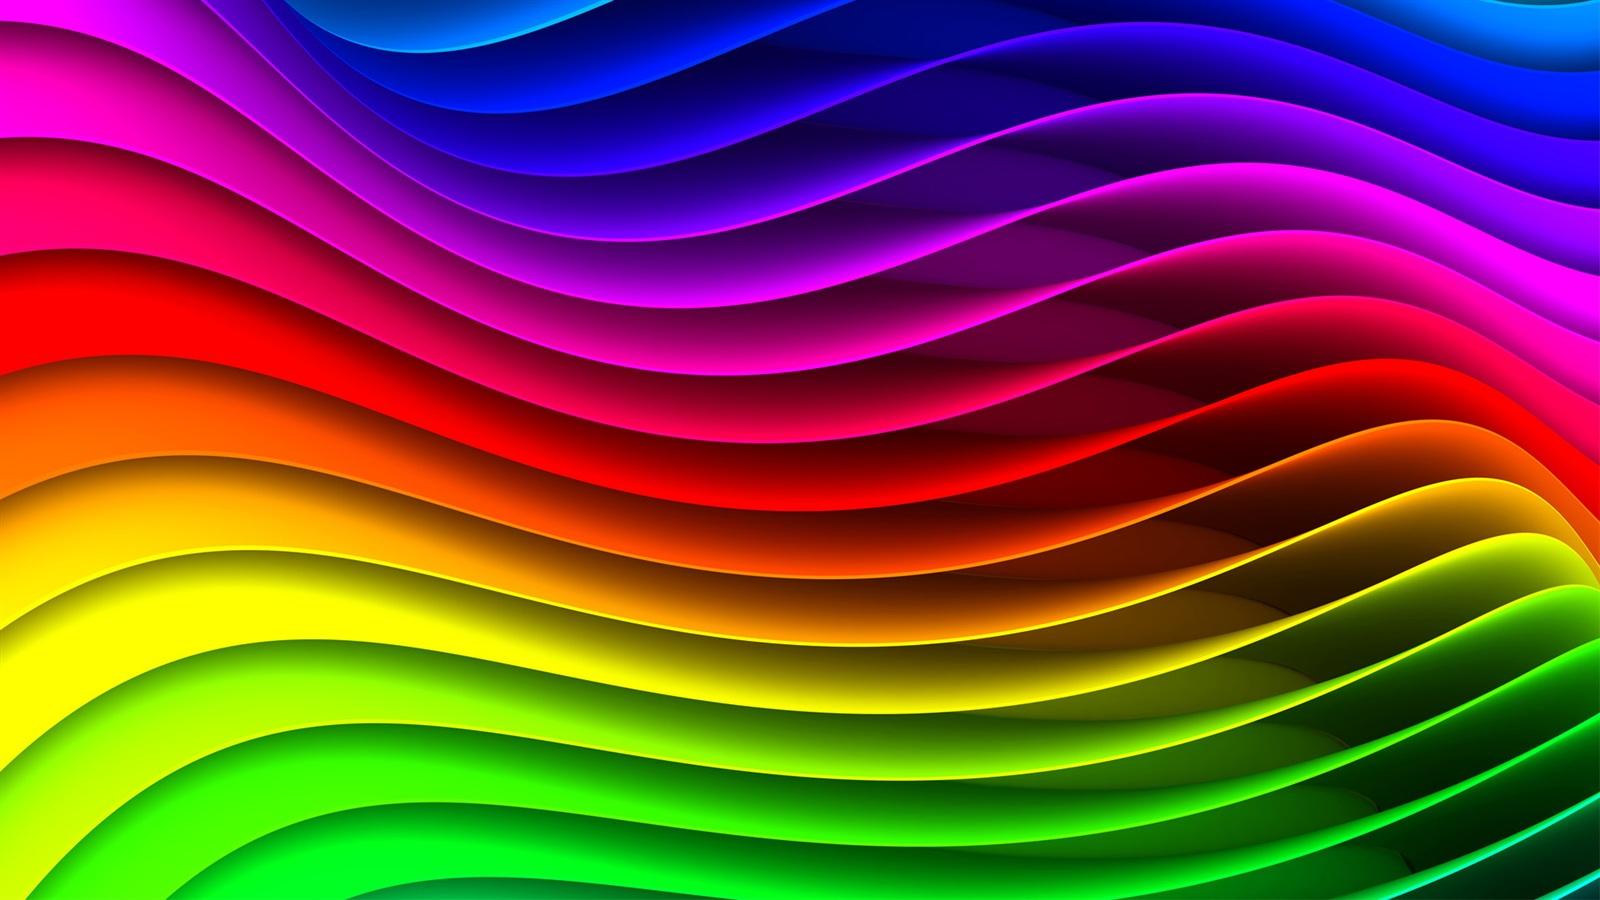 fonds d u0026 39  u00e9cran la forme d u0026 39 onde abstraite rayures  les